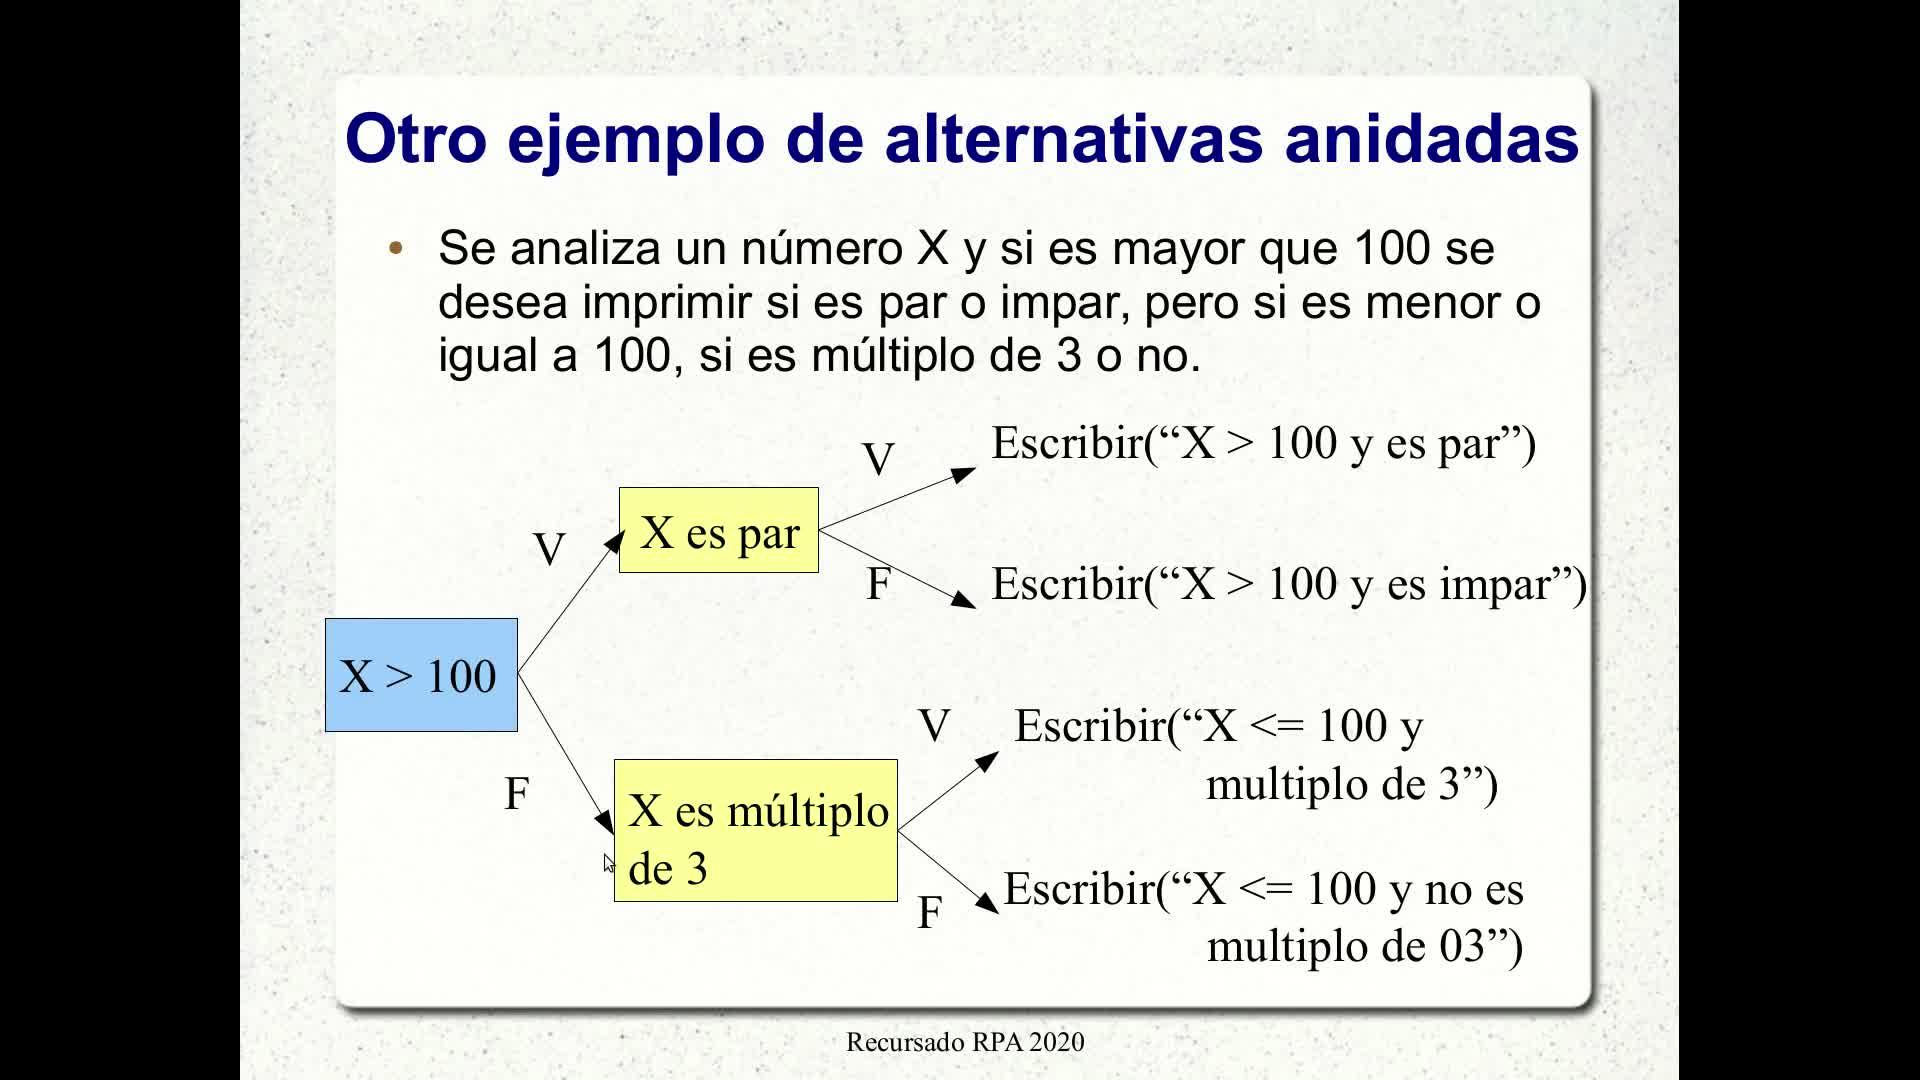 RPA - Video 3.2: Alternativas múltiples